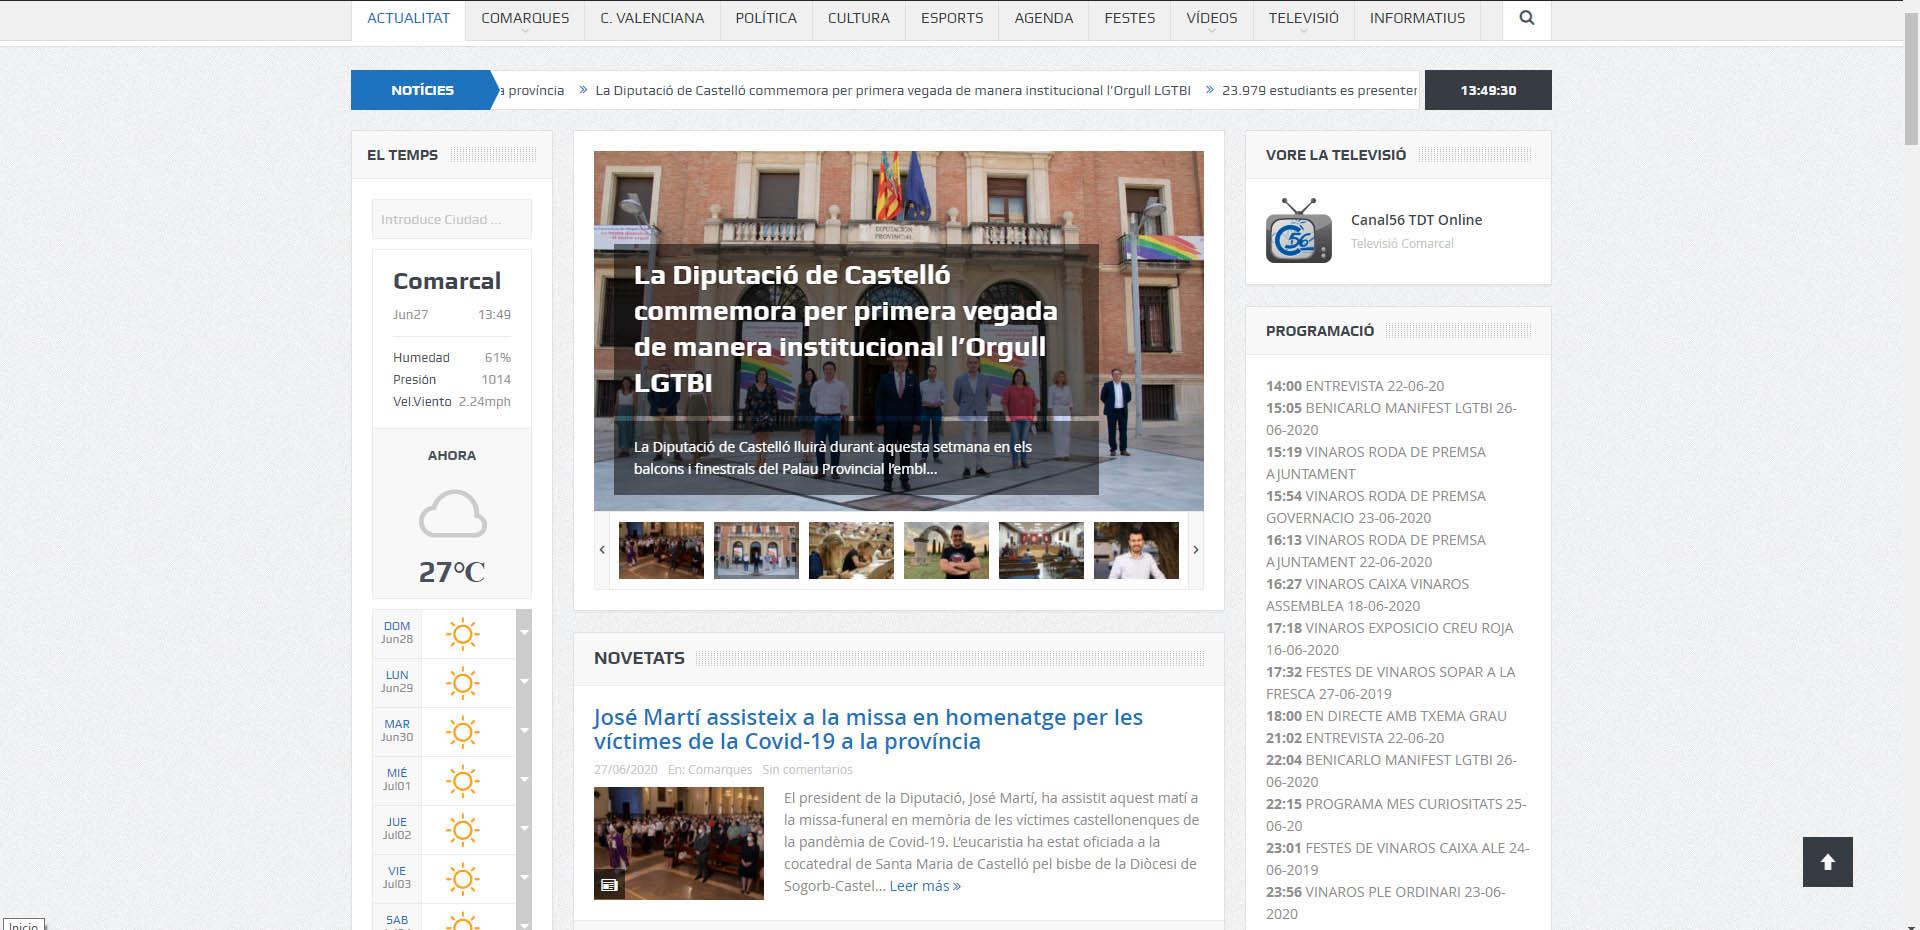 La web canal56.com ofereix en temps real la programació de la 'tele'